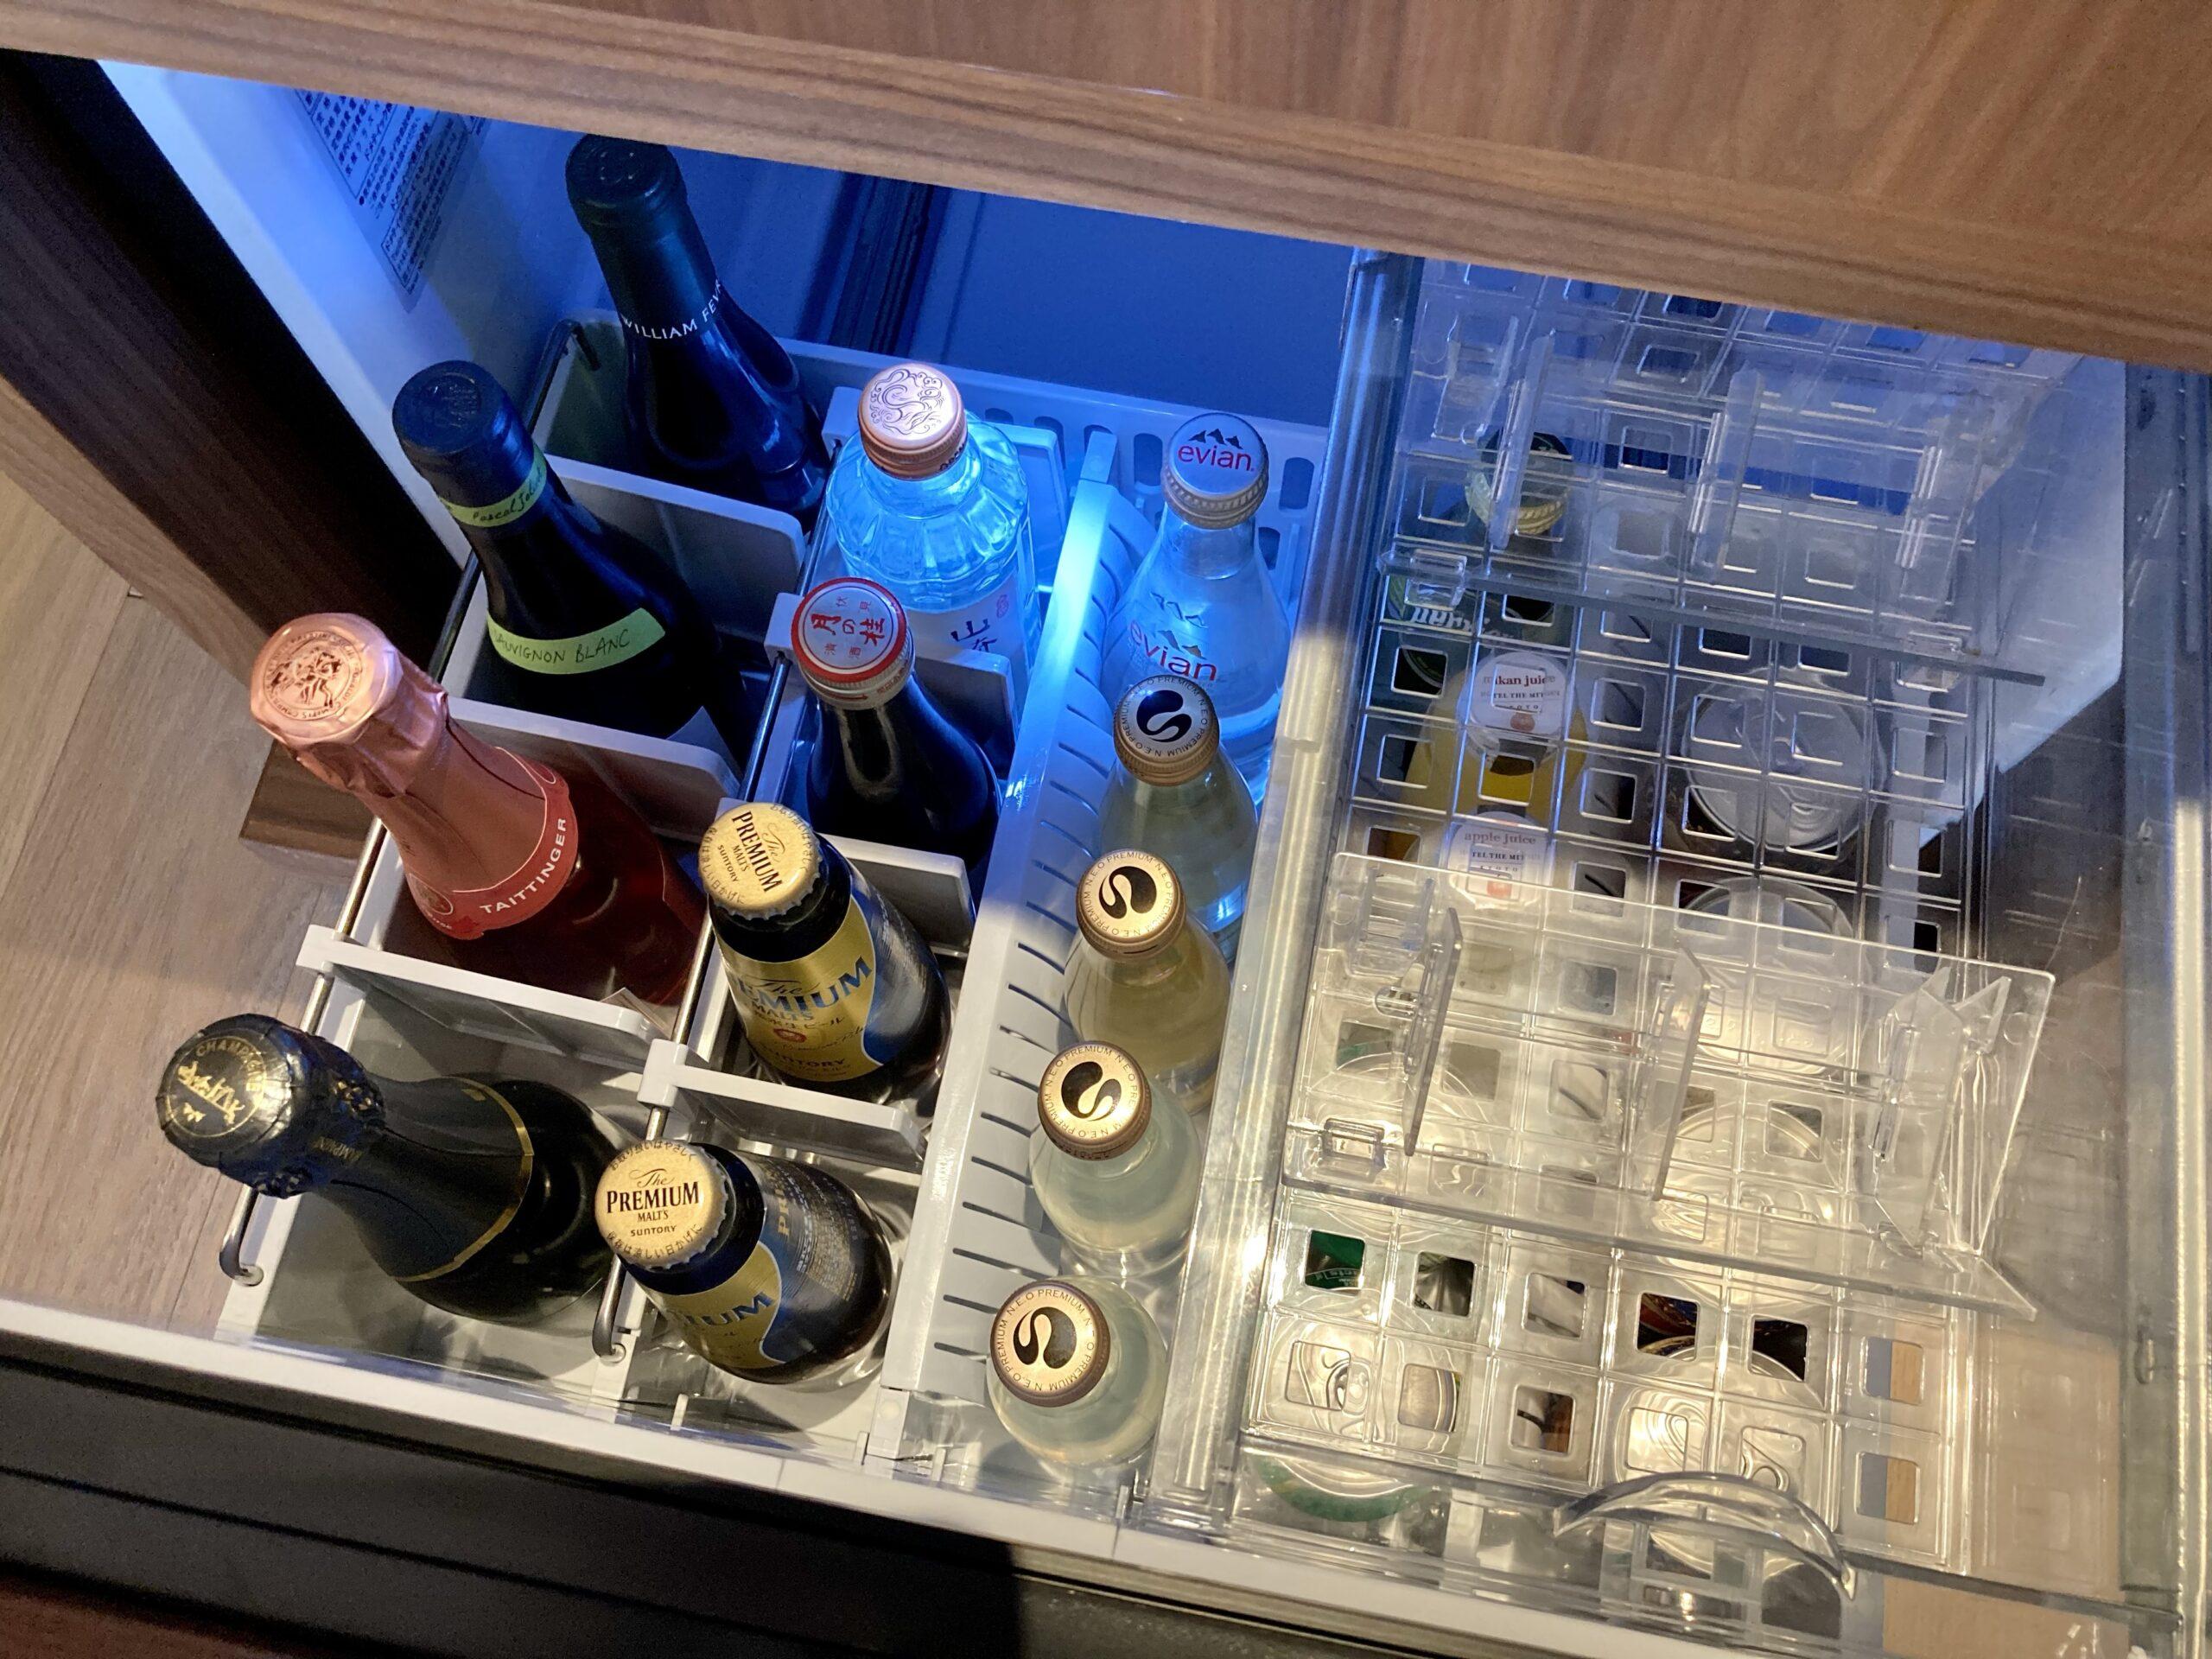 「ホテルザミツイキョウト」冷蔵庫の中の写真